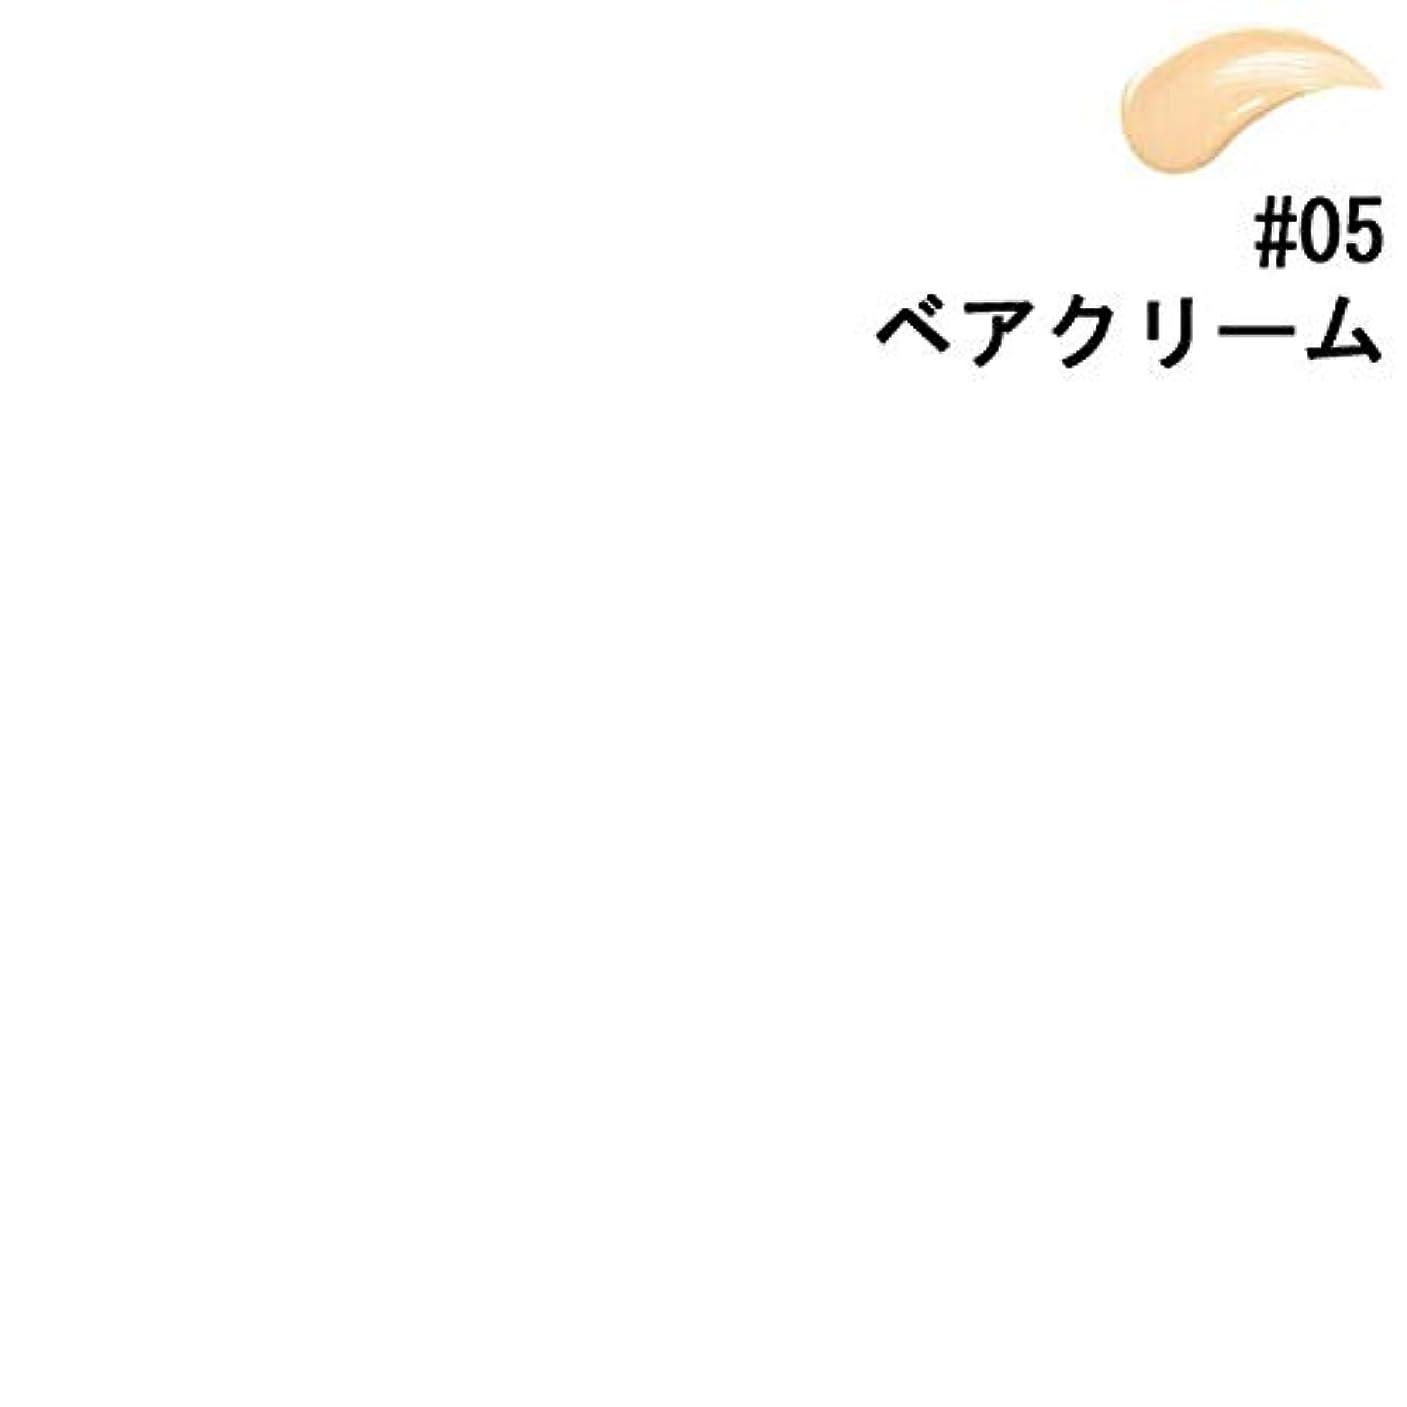 北ブーム変色する【ベアミネラル】ベアミネラル ベア ファンデーション #05 ベアクリーム 30ml [並行輸入品]